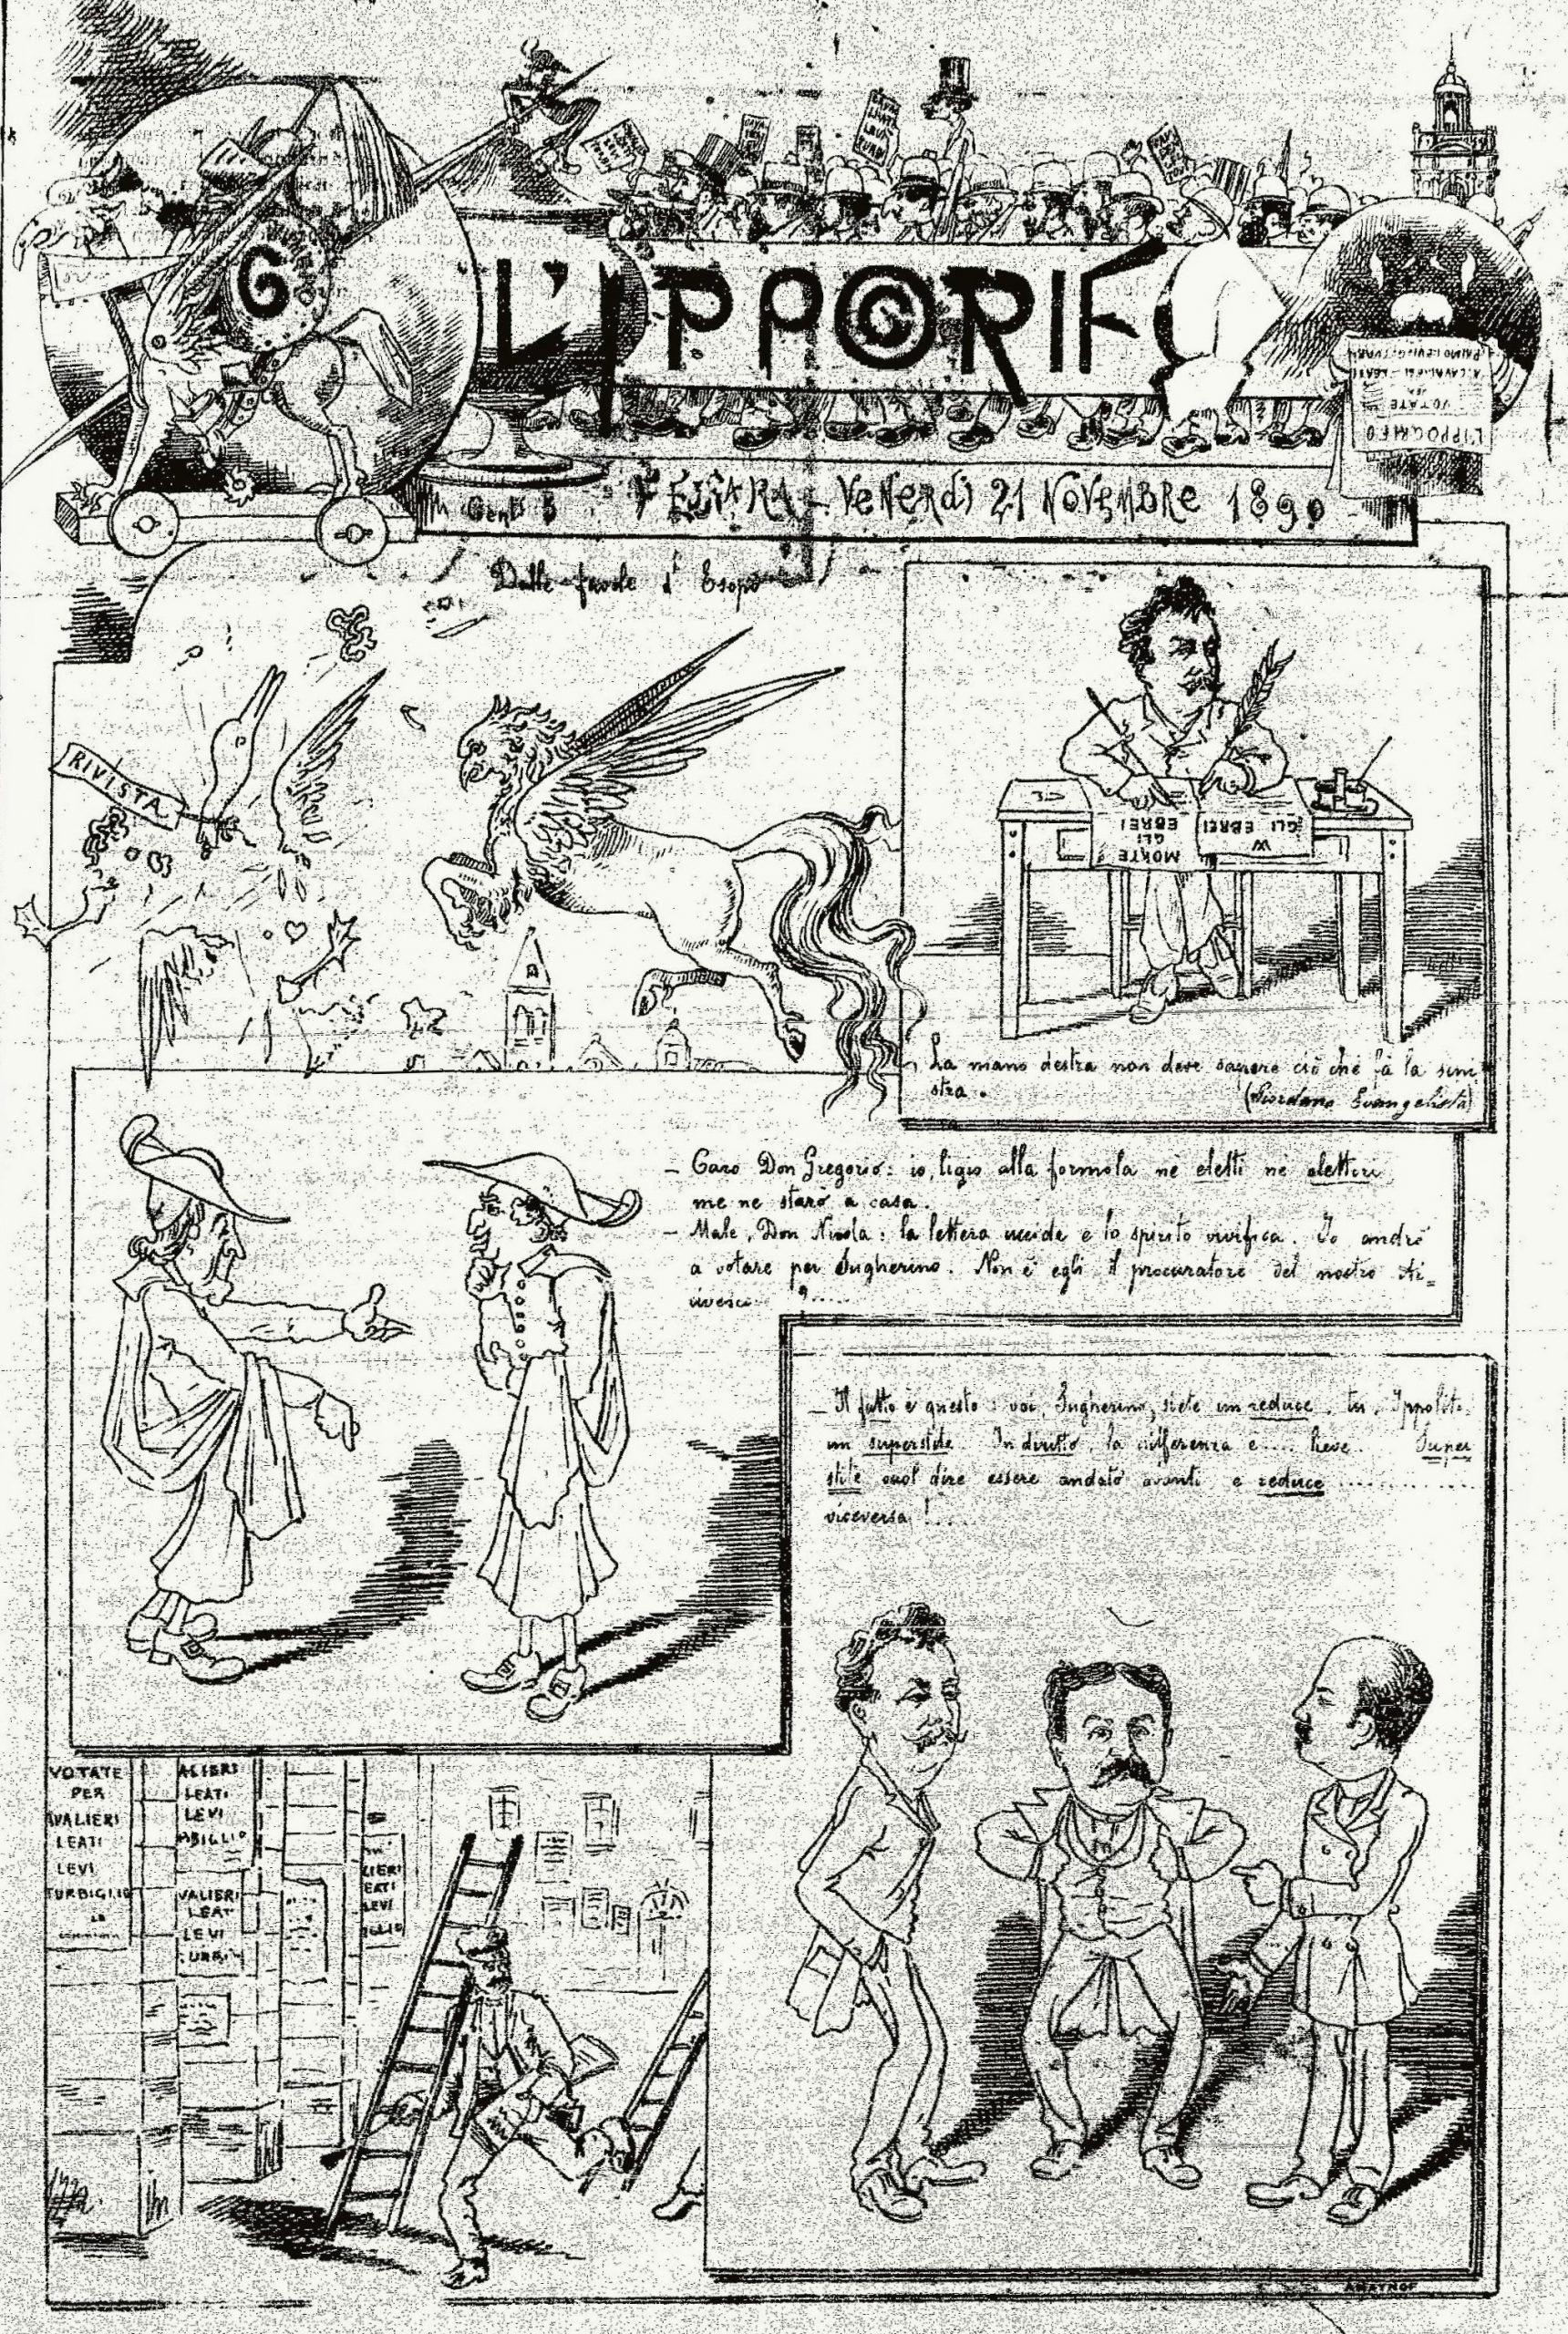 """Figg. 8 - """"L'Ippogrifo"""", 21 novembre 1890, p. 1"""